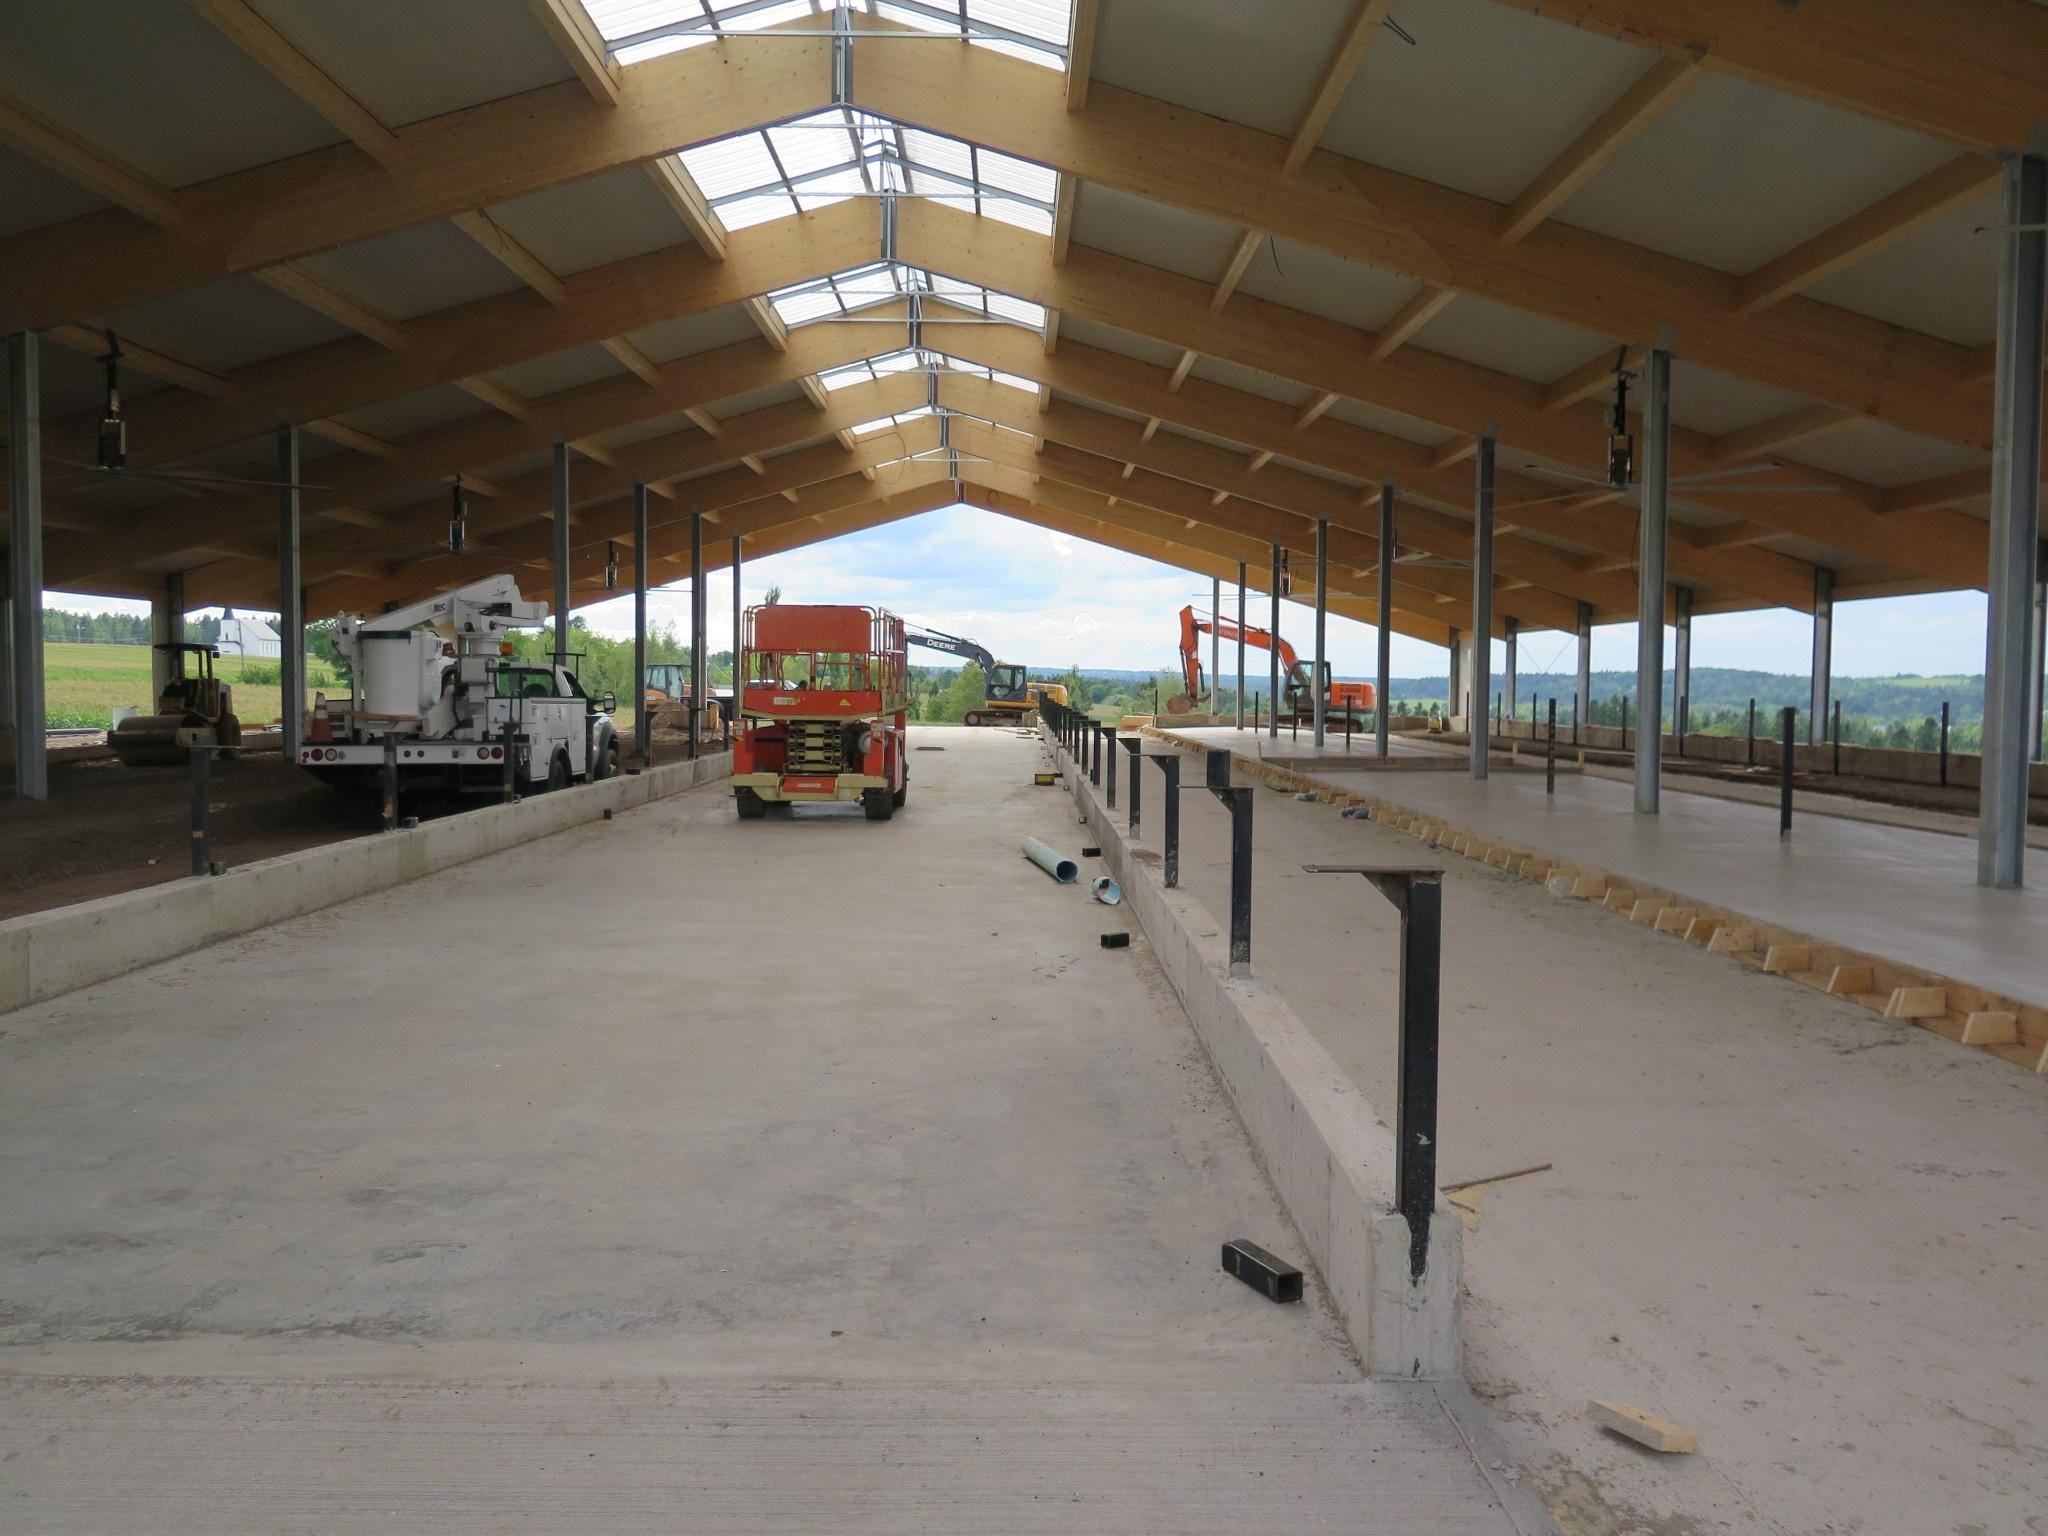 2016 Salisbury, NB - Dairy barn